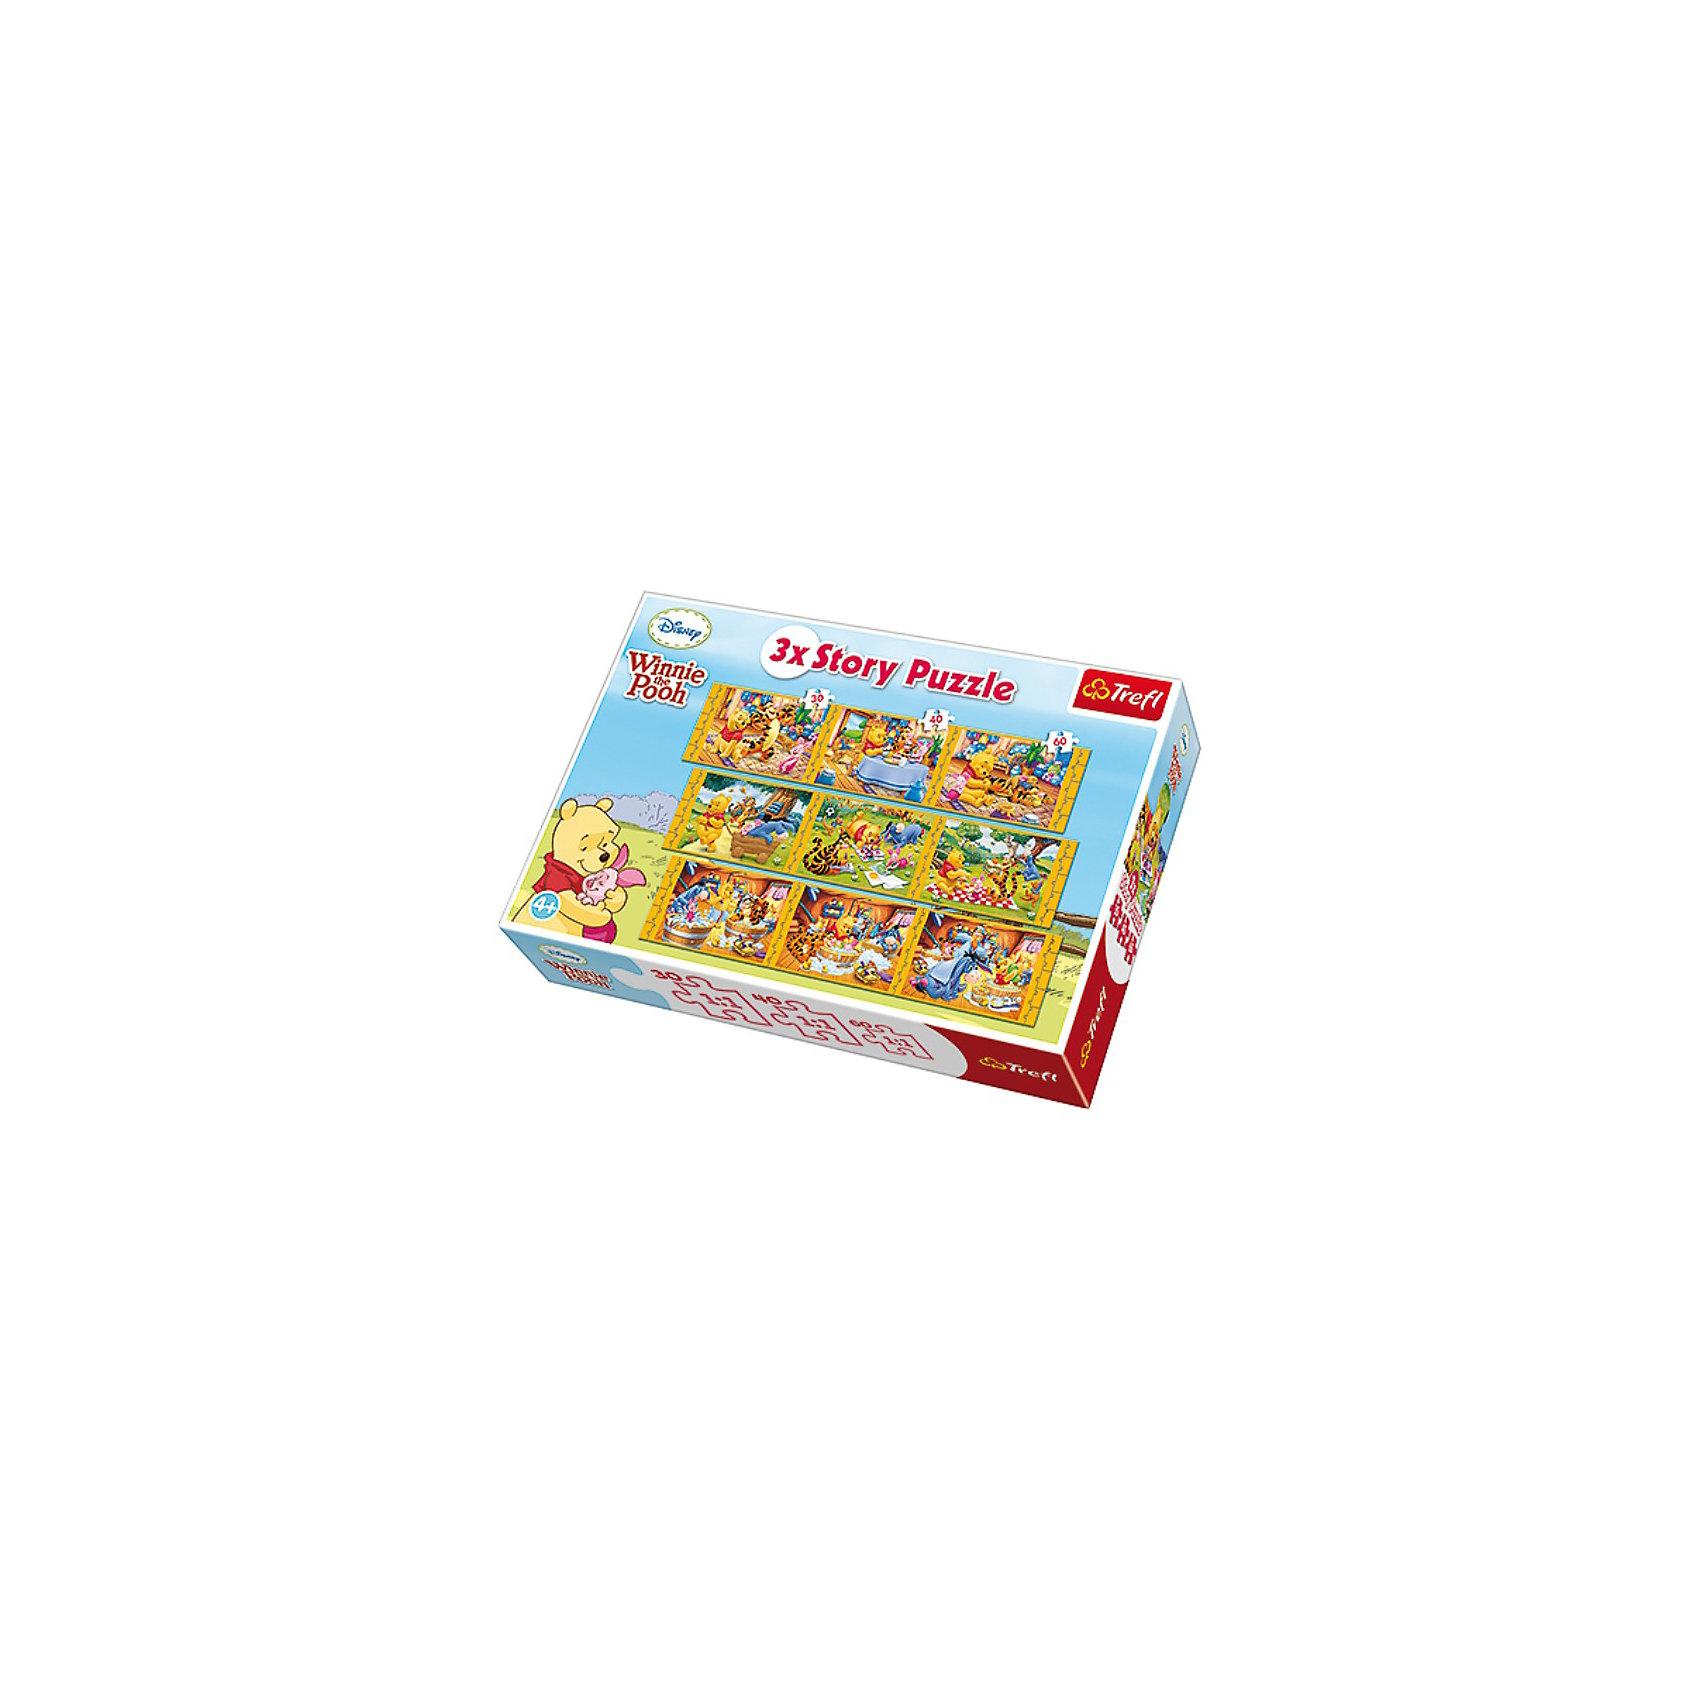 Пазлы набор 9 в 1 - Винни Пух, TreflПазлы для малышей<br>Девять небольших эпизодов из жизни диснеевского Винни-Пуха и его друзей — это яркие пазлы-приключения. Такие красочные сказочные головоломки подойдут любому малышу, так как знакомые герои попадают в веселые истории, которые можно придумать самому! <br>Игра с пазлами — это отличная возможность весело и полезно провести время. Красочные карточки привлекут и развеселят ребенка, а необходимость собирать их из маленьких фрагментов повлияет на развитие аккуратности, любознательности, внимательности, умении сосредотачиваться на одном деле и т. д. <br>В комплект входит 9 мини-пазлов. <br>Рекомендуемый возраст: от 4 лет.<br><br>Ширина мм: 398<br>Глубина мм: 269<br>Высота мм: 93<br>Вес г: 1238<br>Возраст от месяцев: 60<br>Возраст до месяцев: 96<br>Пол: Унисекс<br>Возраст: Детский<br>Количество деталей: 30<br>SKU: 3306036